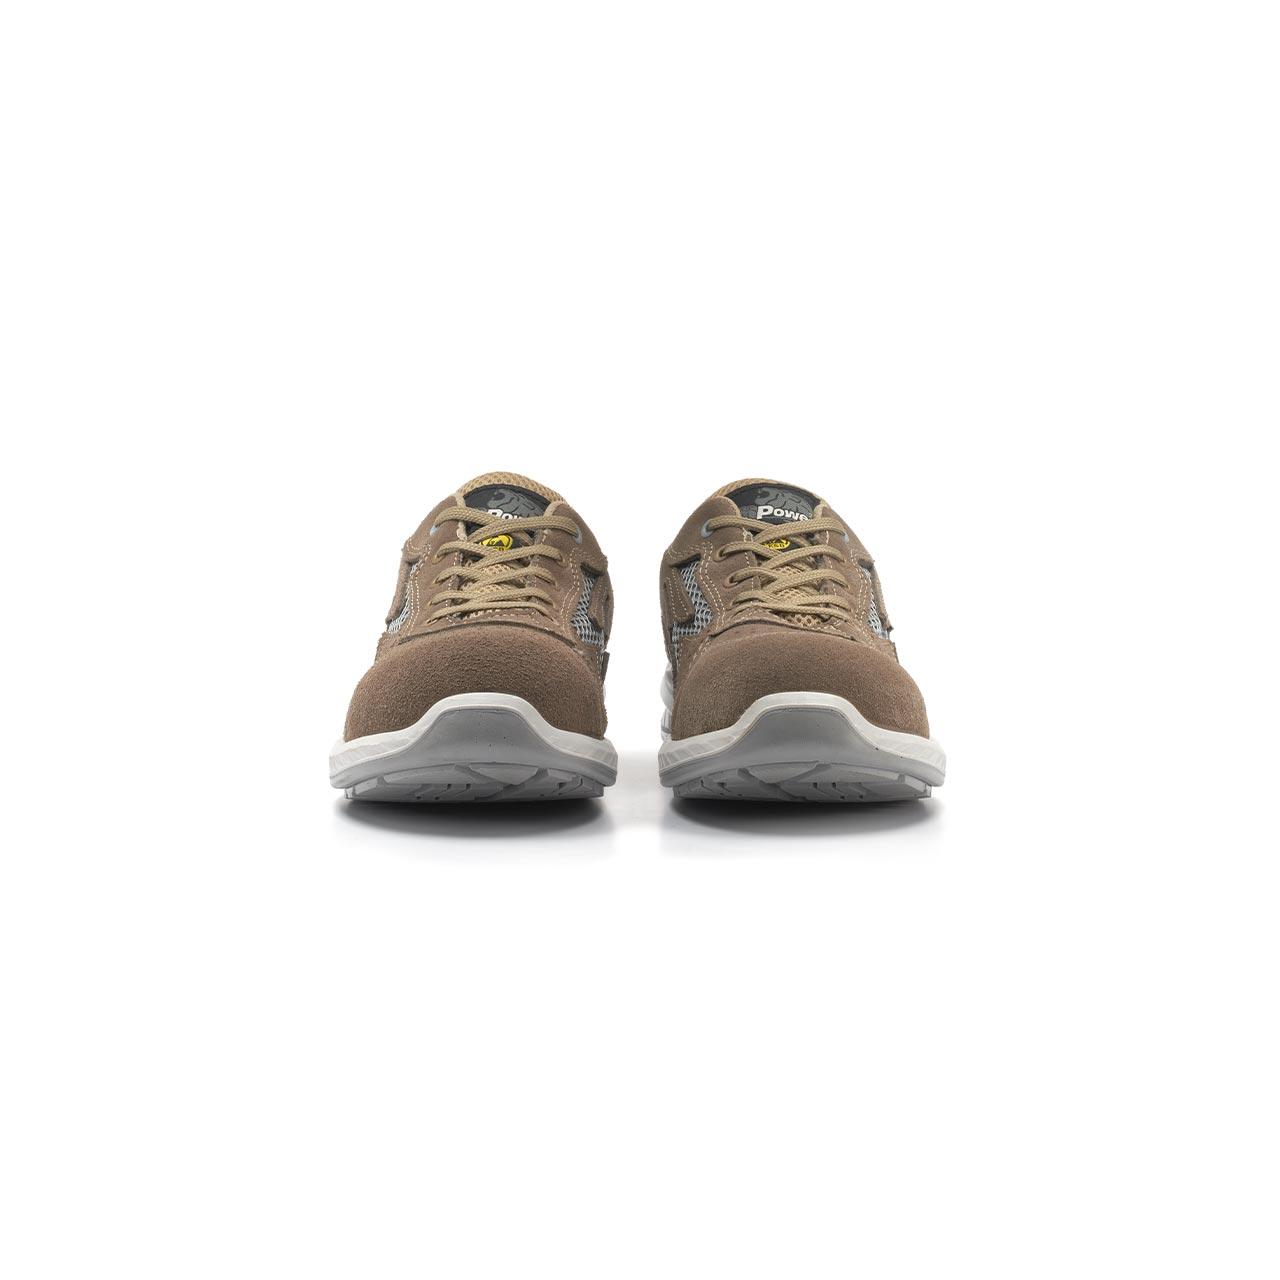 paio di scarpe antinfortunistiche upower modello aerator linea redindustry vista frontale